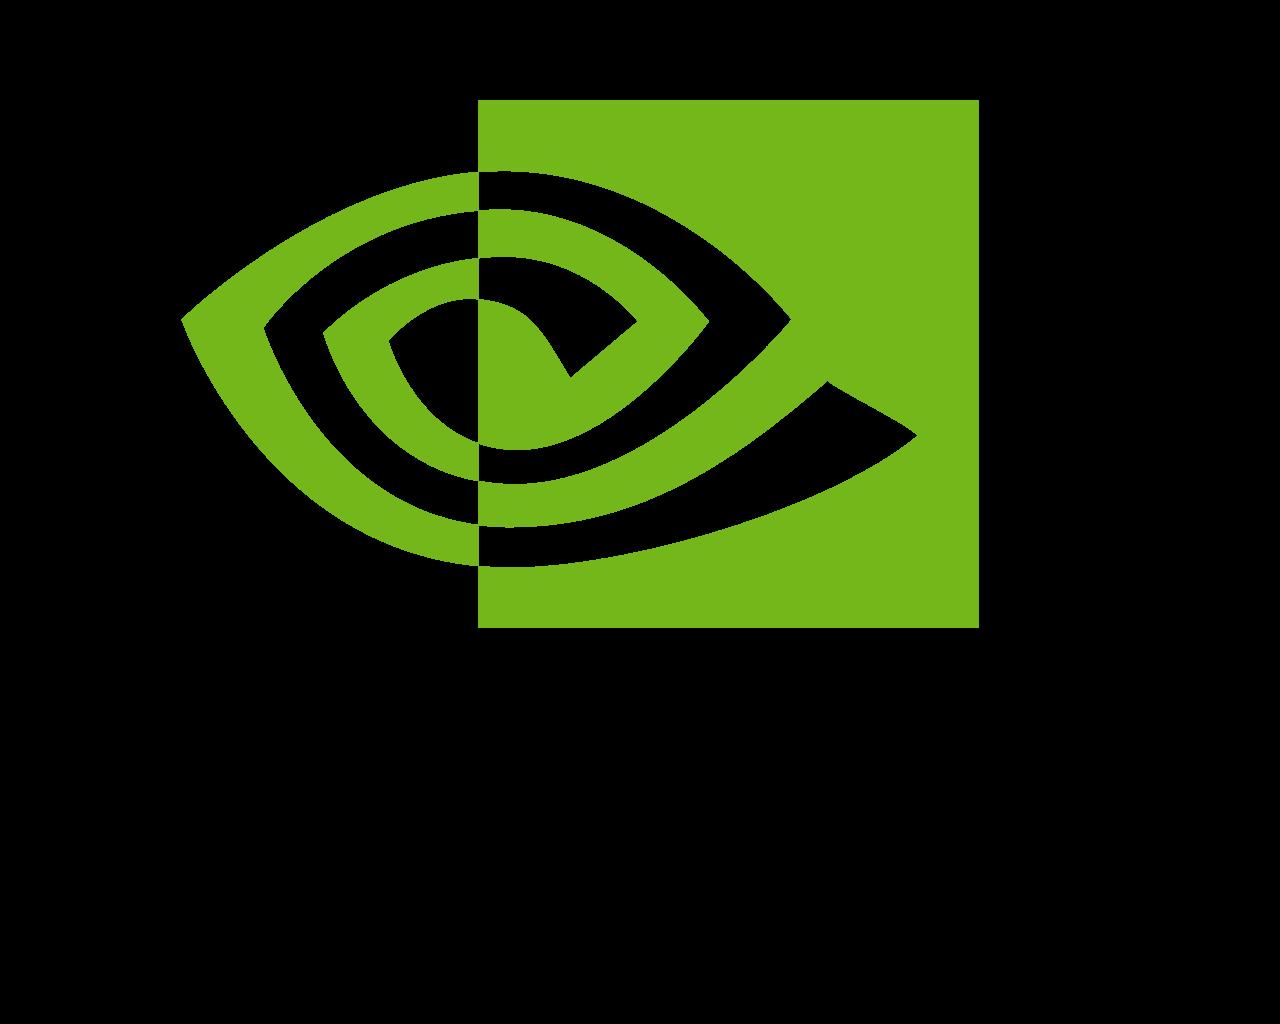 nvidia logo 1